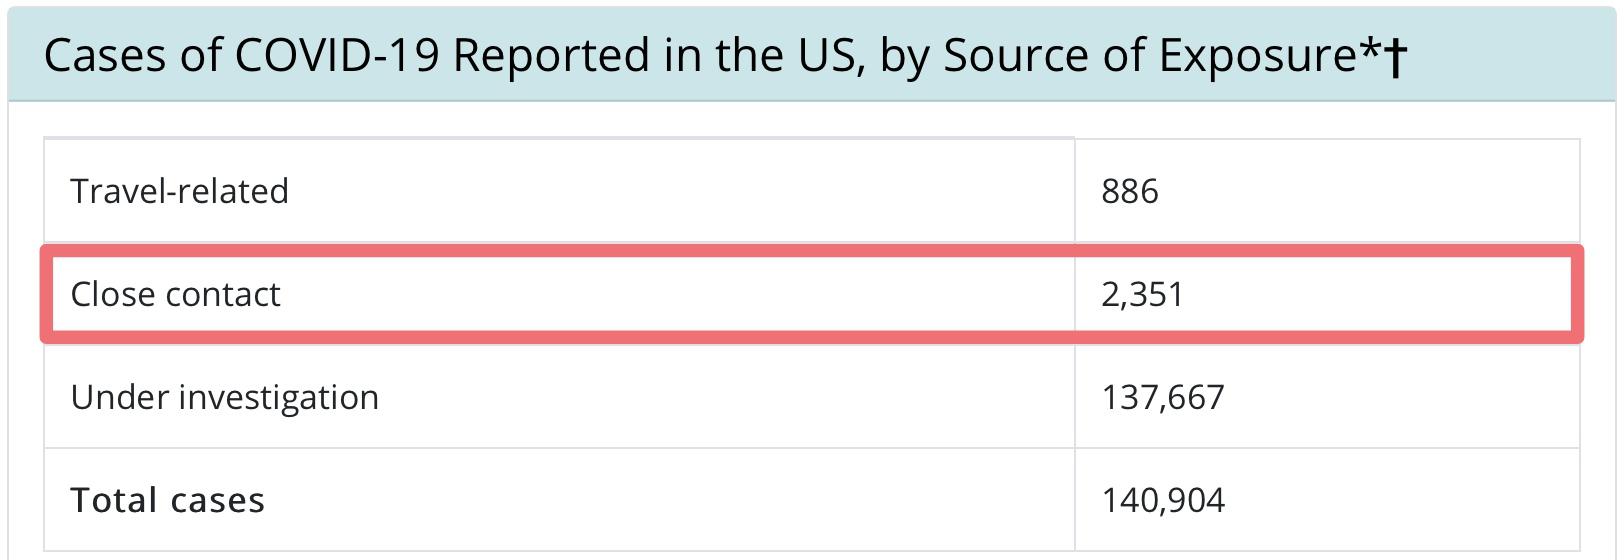 新冠肺炎 | 美国确诊病例超16万,密切接触者只有2351位?